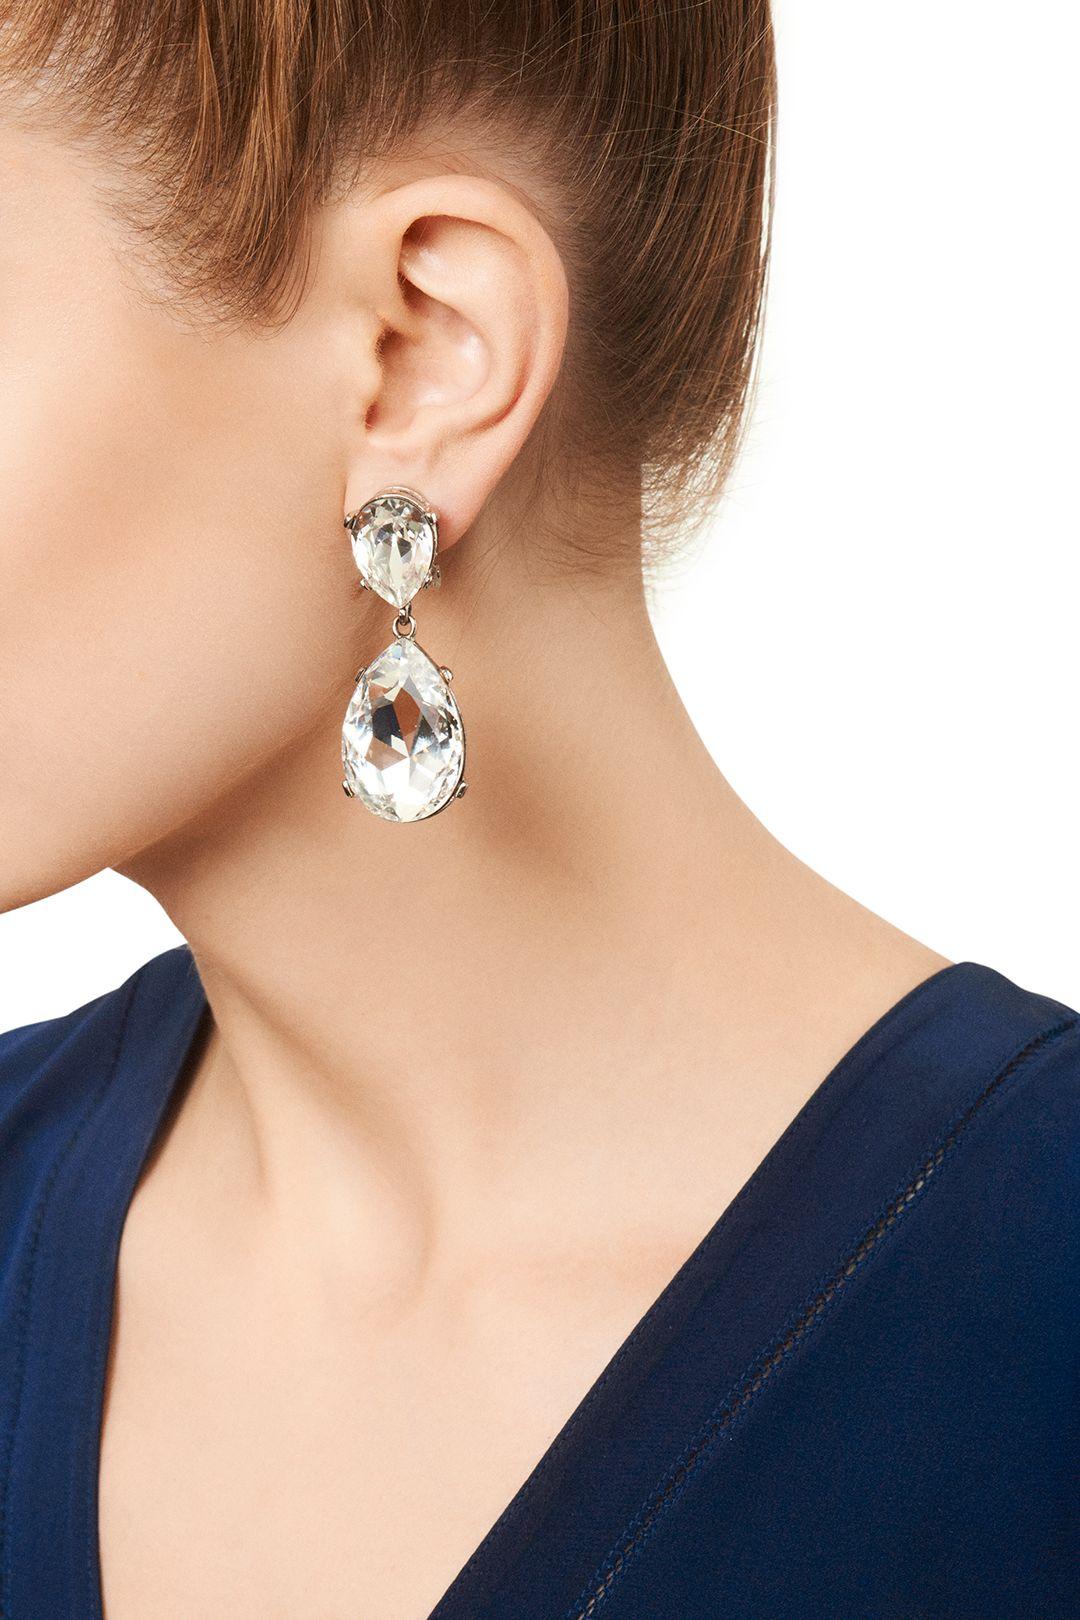 Jay Lane Clear Drop Earrings Drop earrings